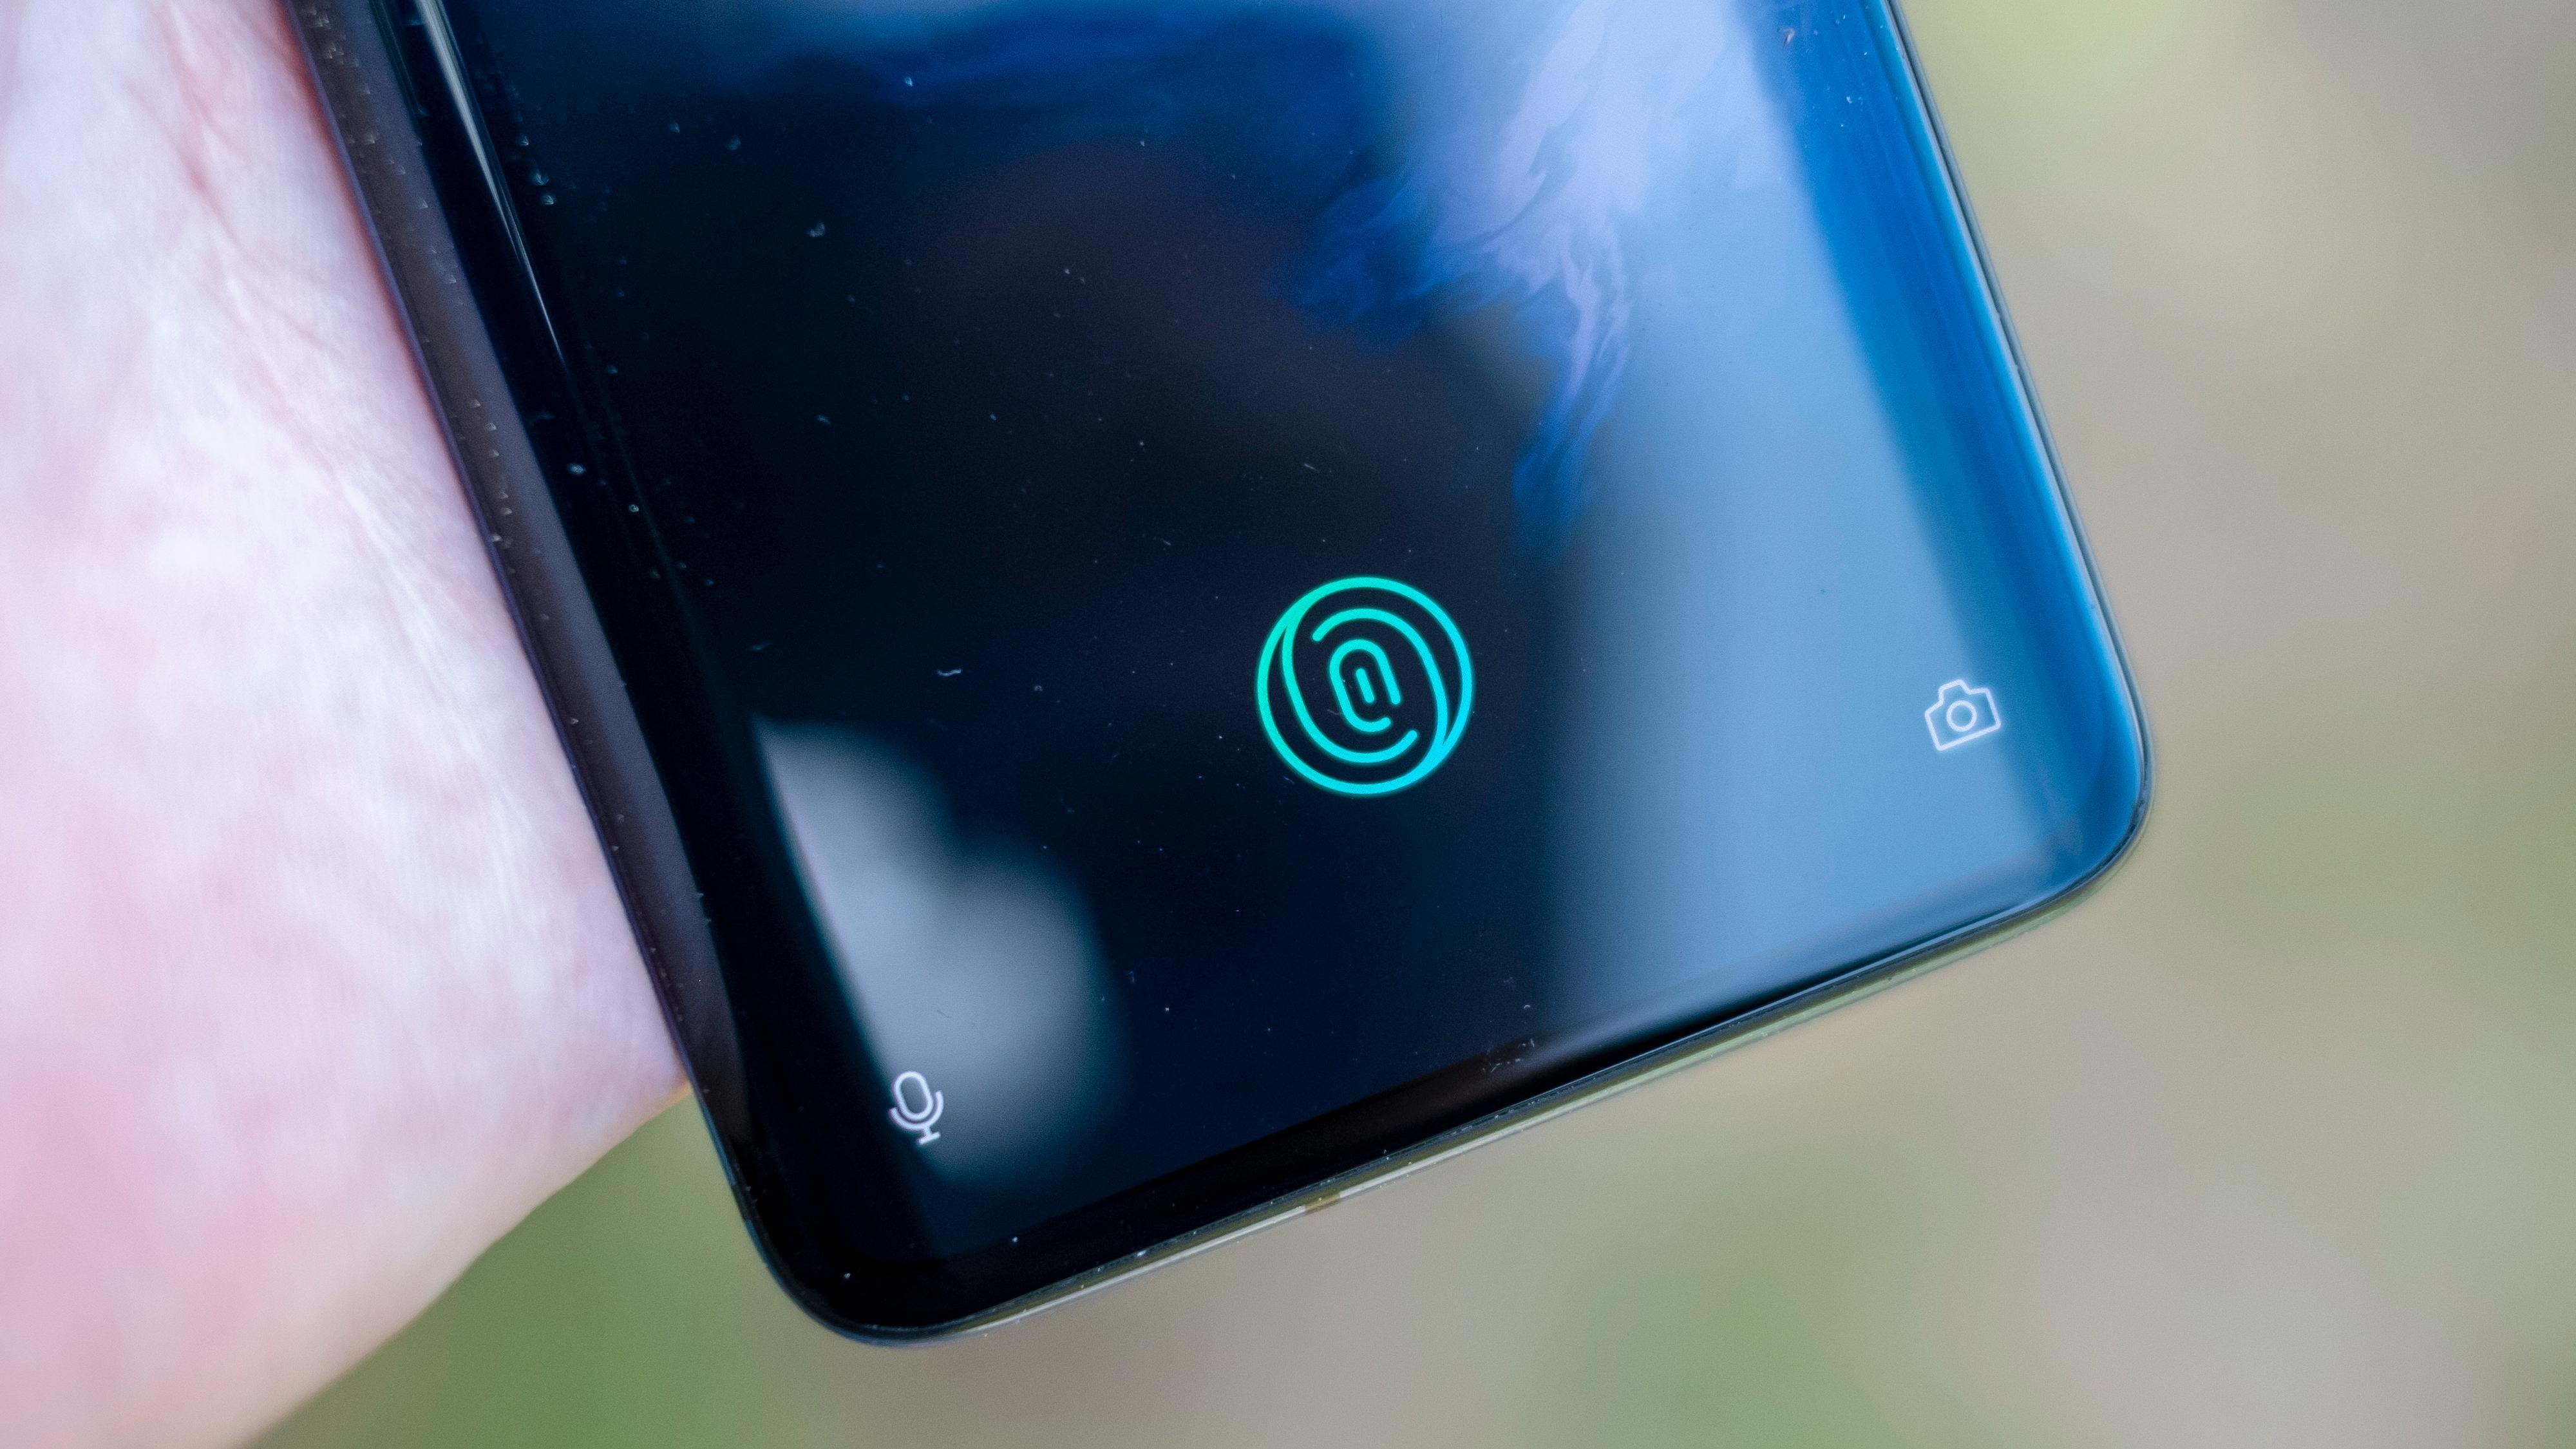 Fingerleseren reagerer svært raskt. Med mindre du har låser opp med ansiktet ditt - ofte låser OnePlus 7 Pro opp raskere enn du rekker å legge tommelen nedpå skjermen.